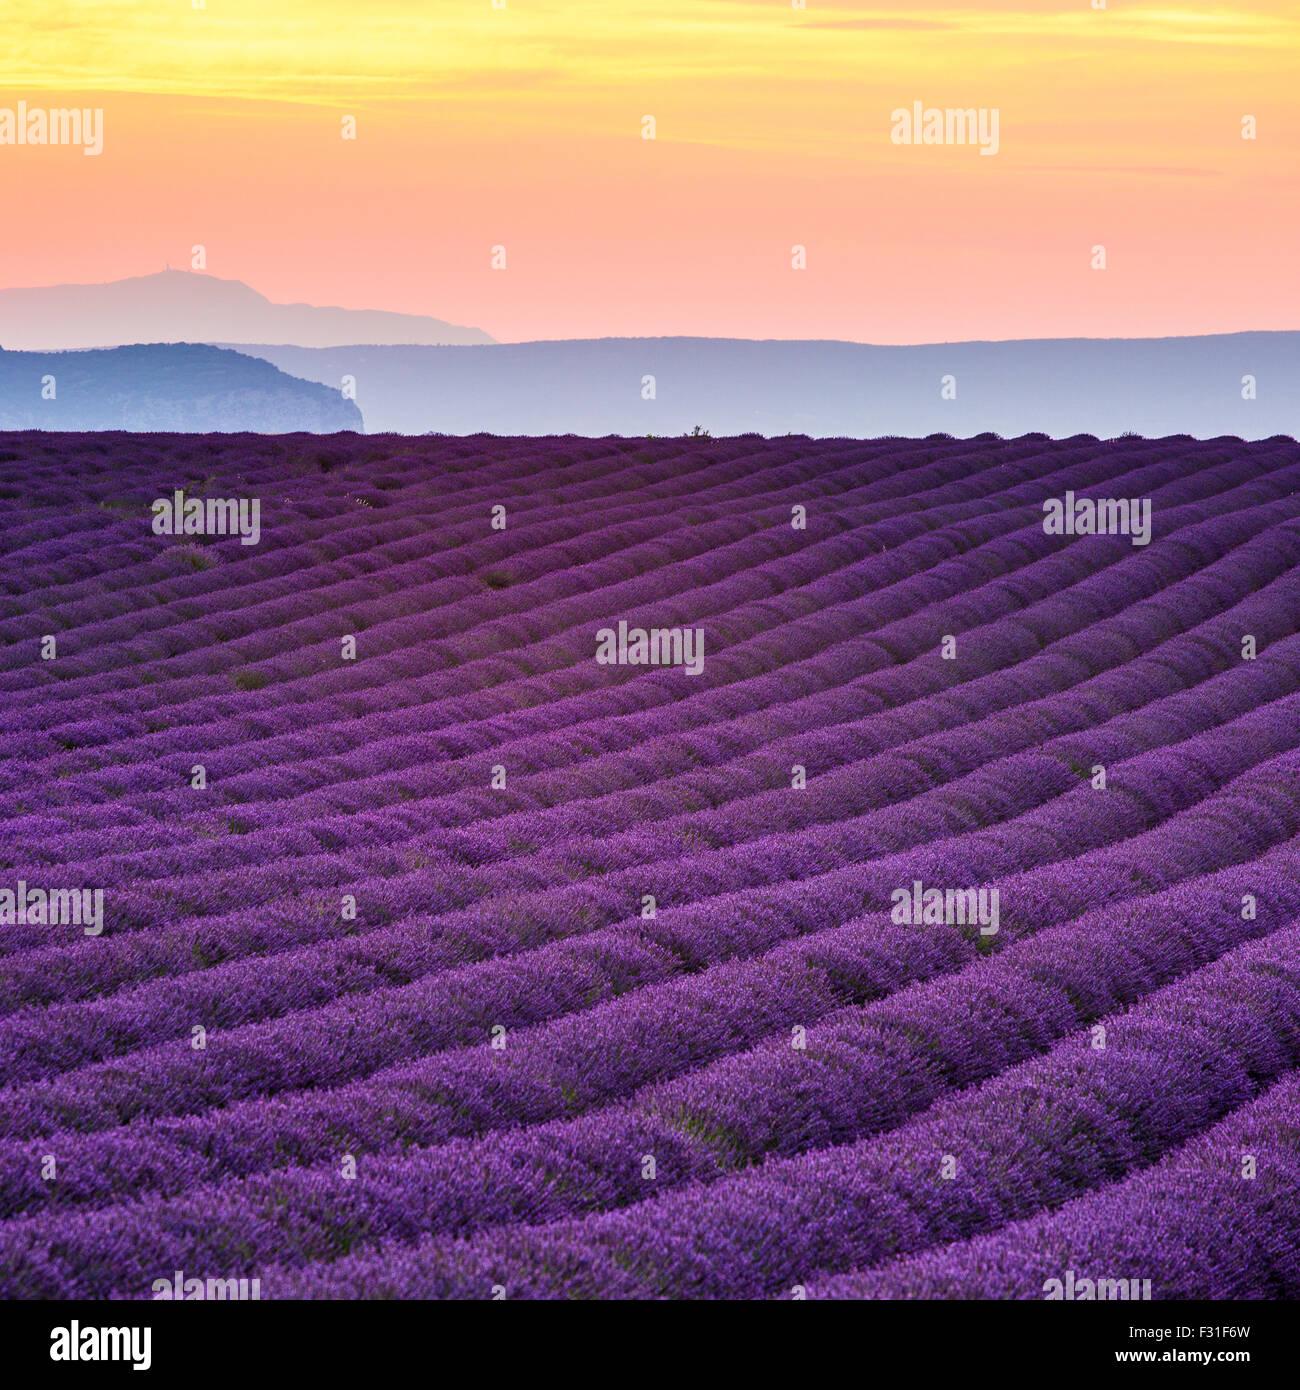 Provenza, Valensole meseta, campo de lavanda en flor Imagen De Stock